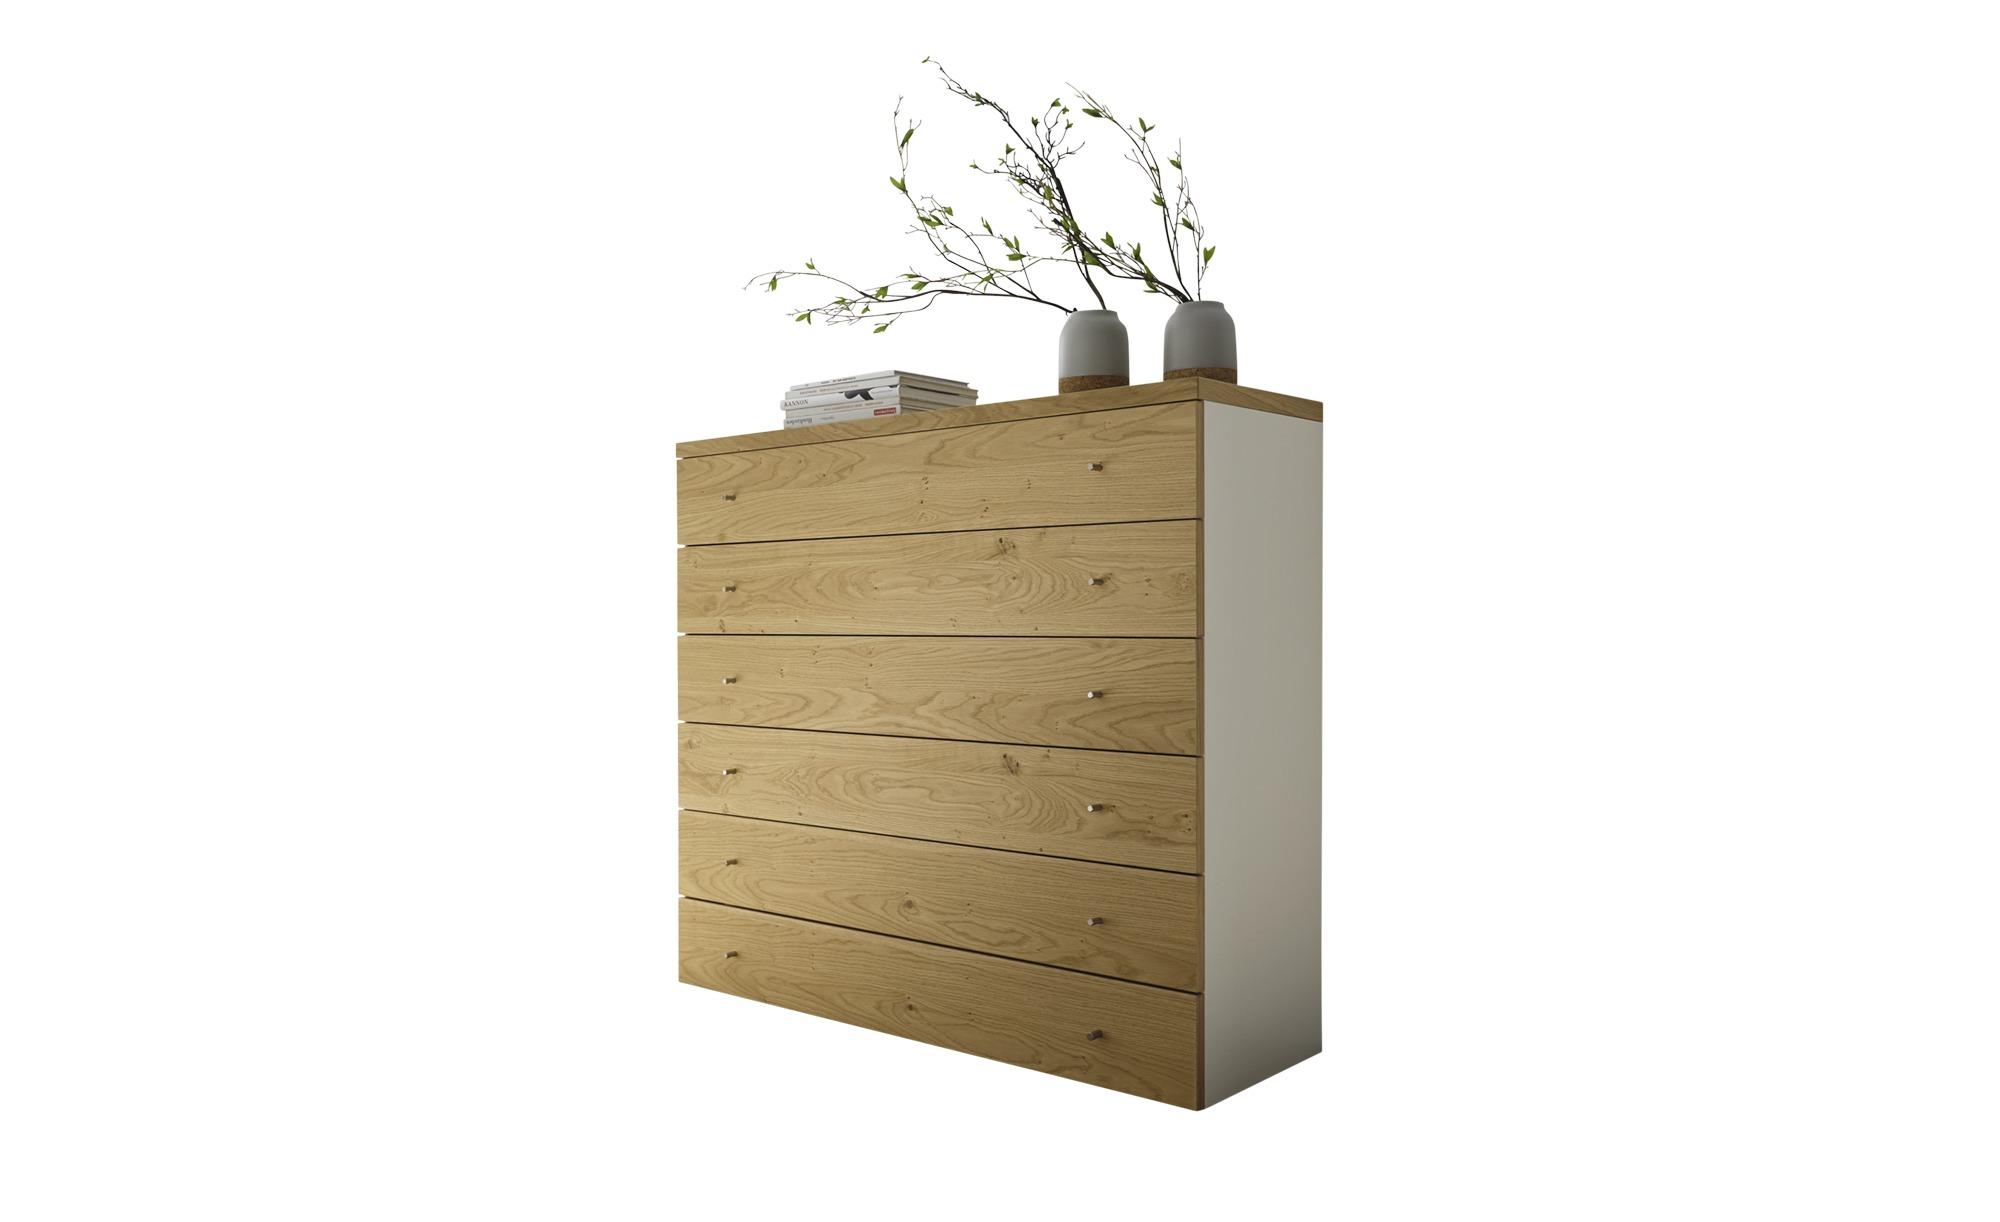 Wohnzimmer hülsta ~ Best top design hülsta images interior design